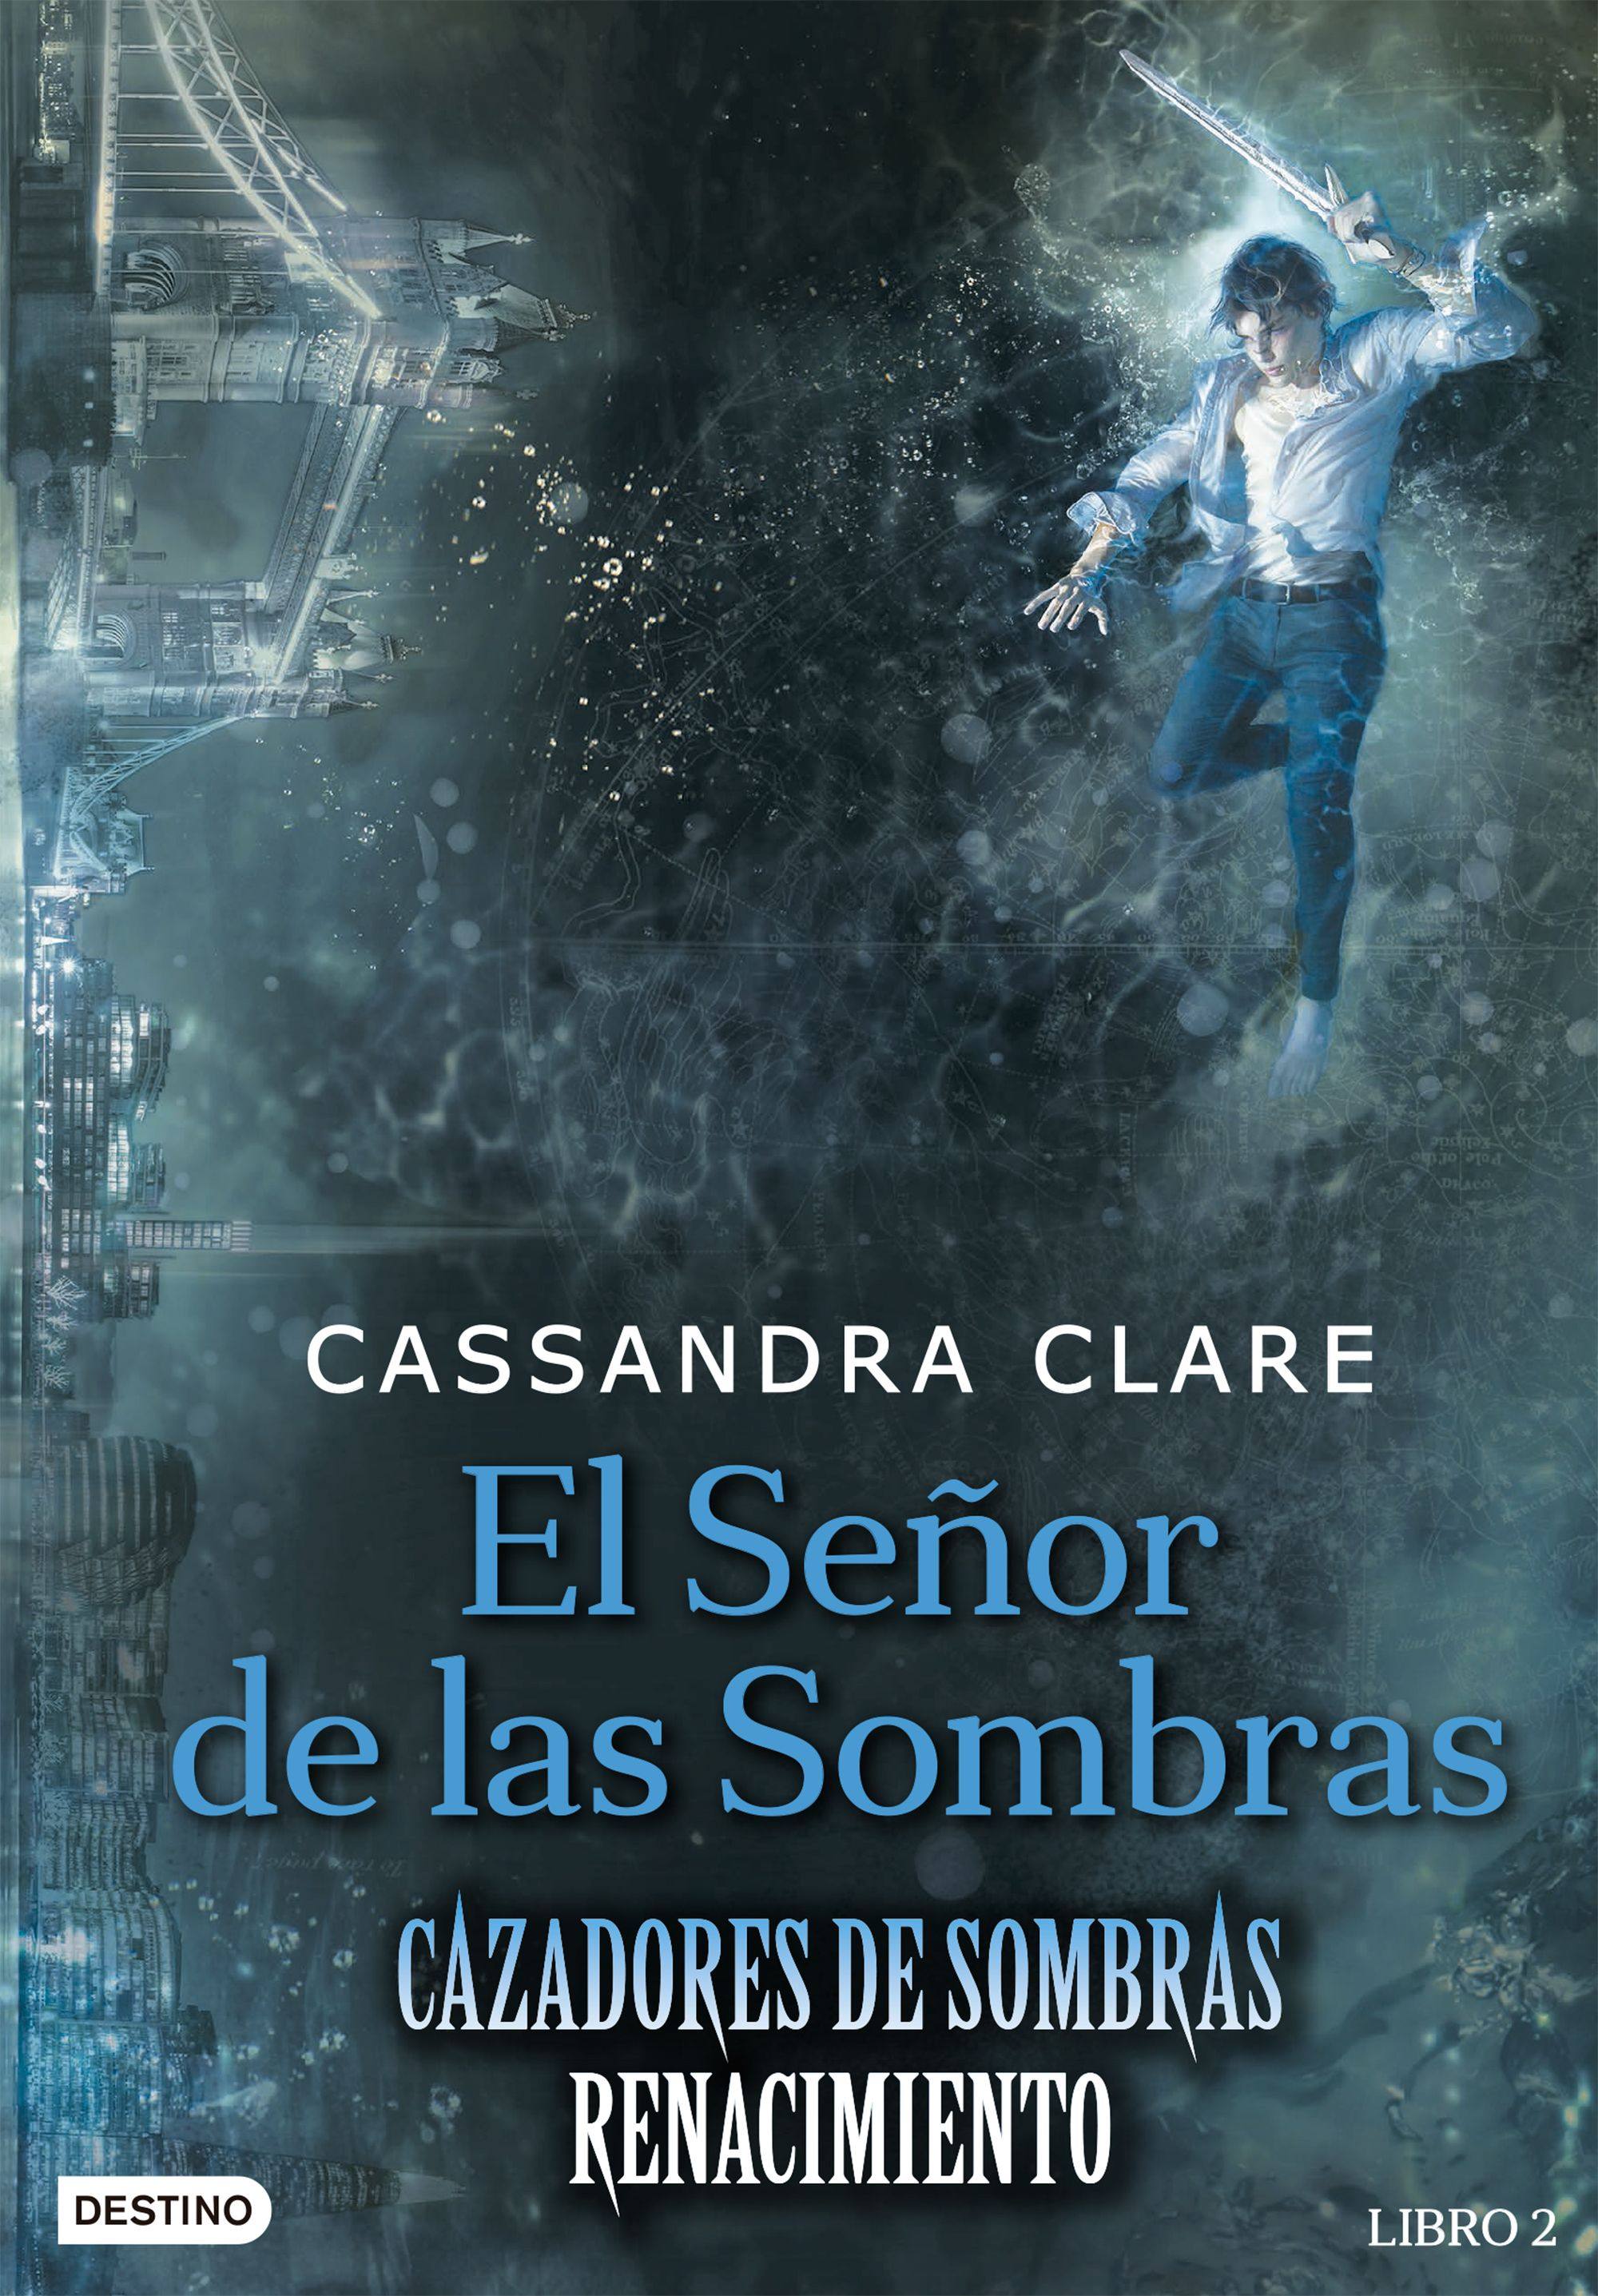 El Señor de las Sombras - Cassandra Clare - Grupo Planeta